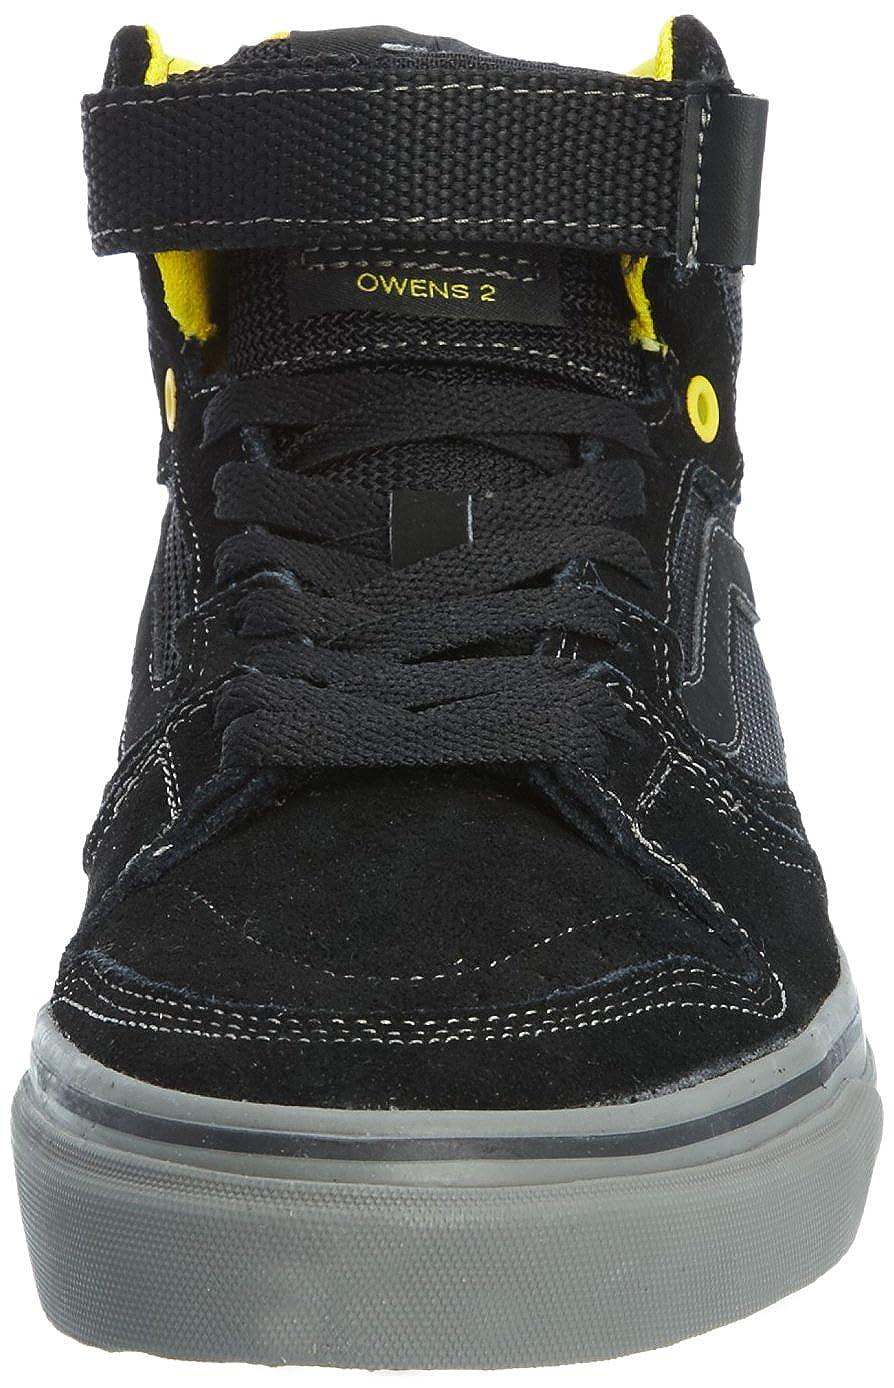 28c025fe330b78 Vans Owens 2 Hi - Zapatillas de ciclismo de cuero para hombre negro Black  Cyber 41.5  Amazon.es  Zapatos y complementos